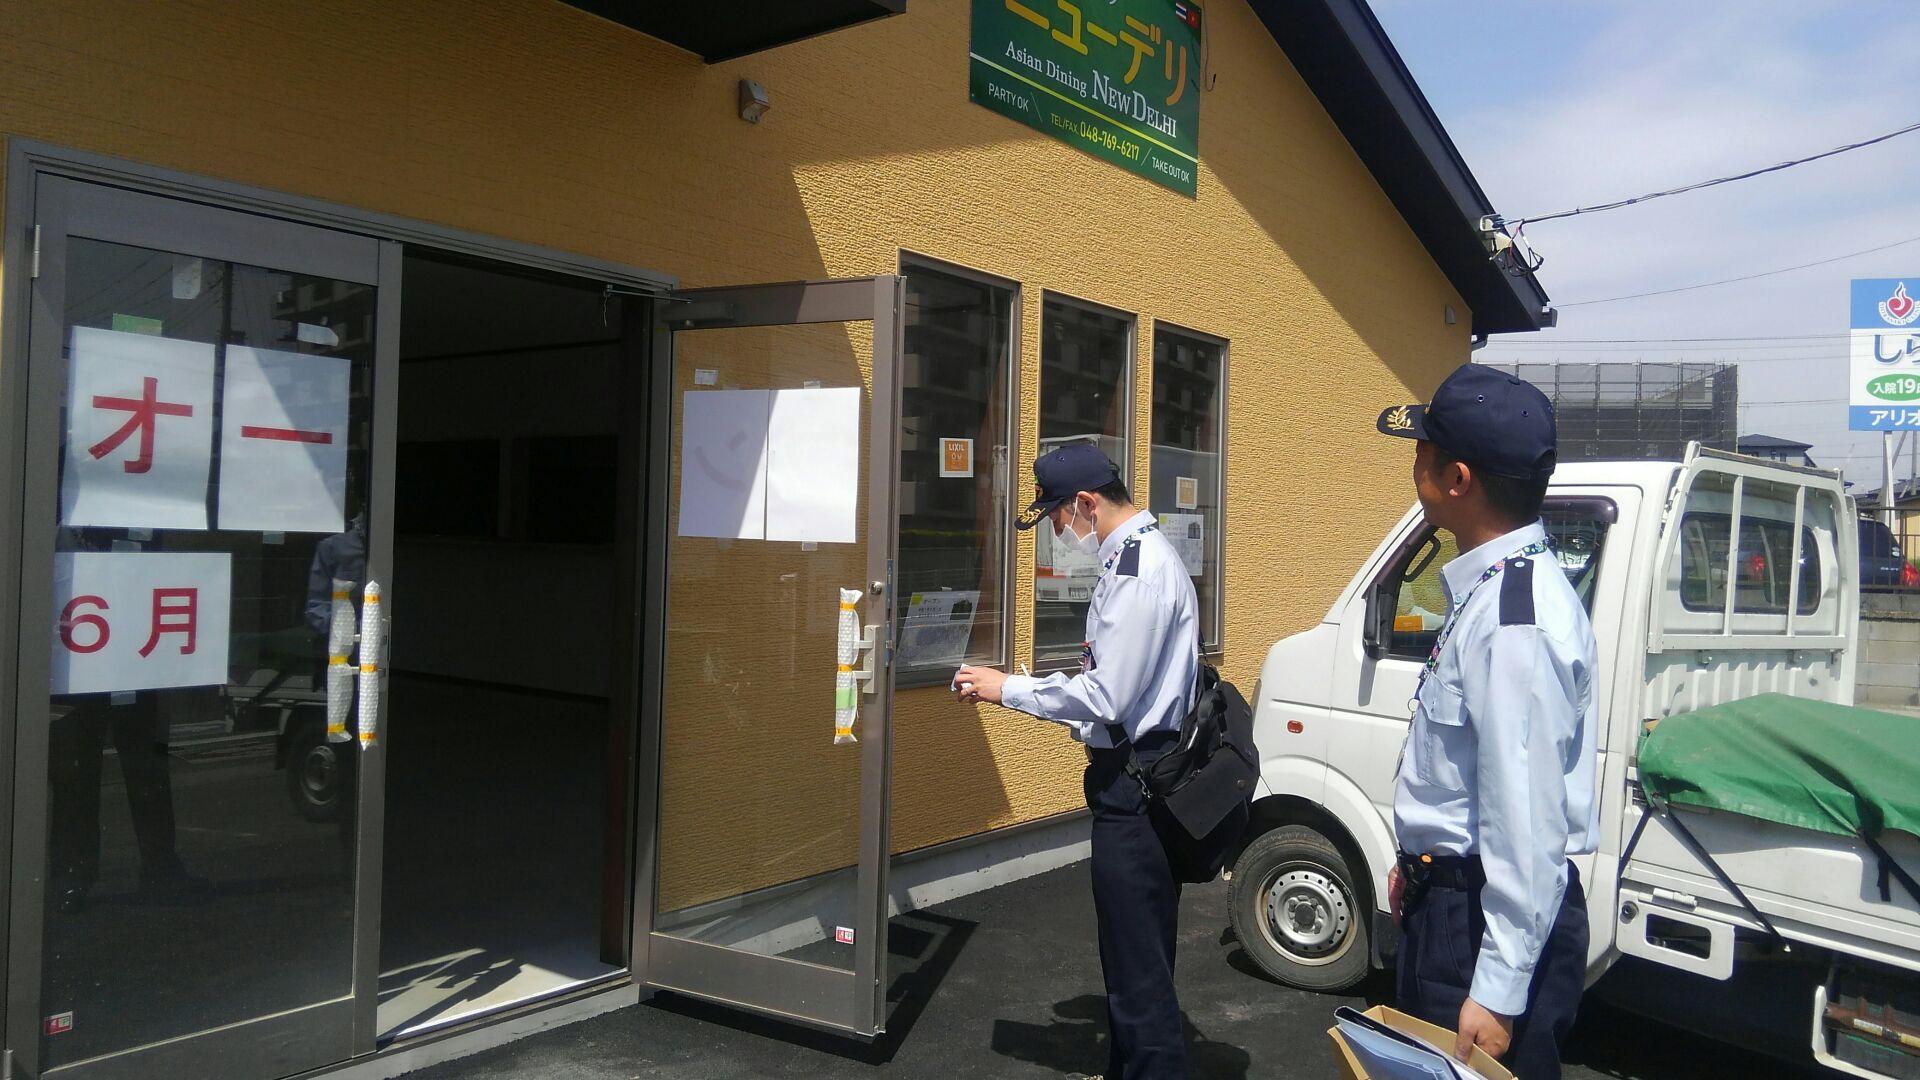 蓮田市消防本部さんによる消防検査が入りました。